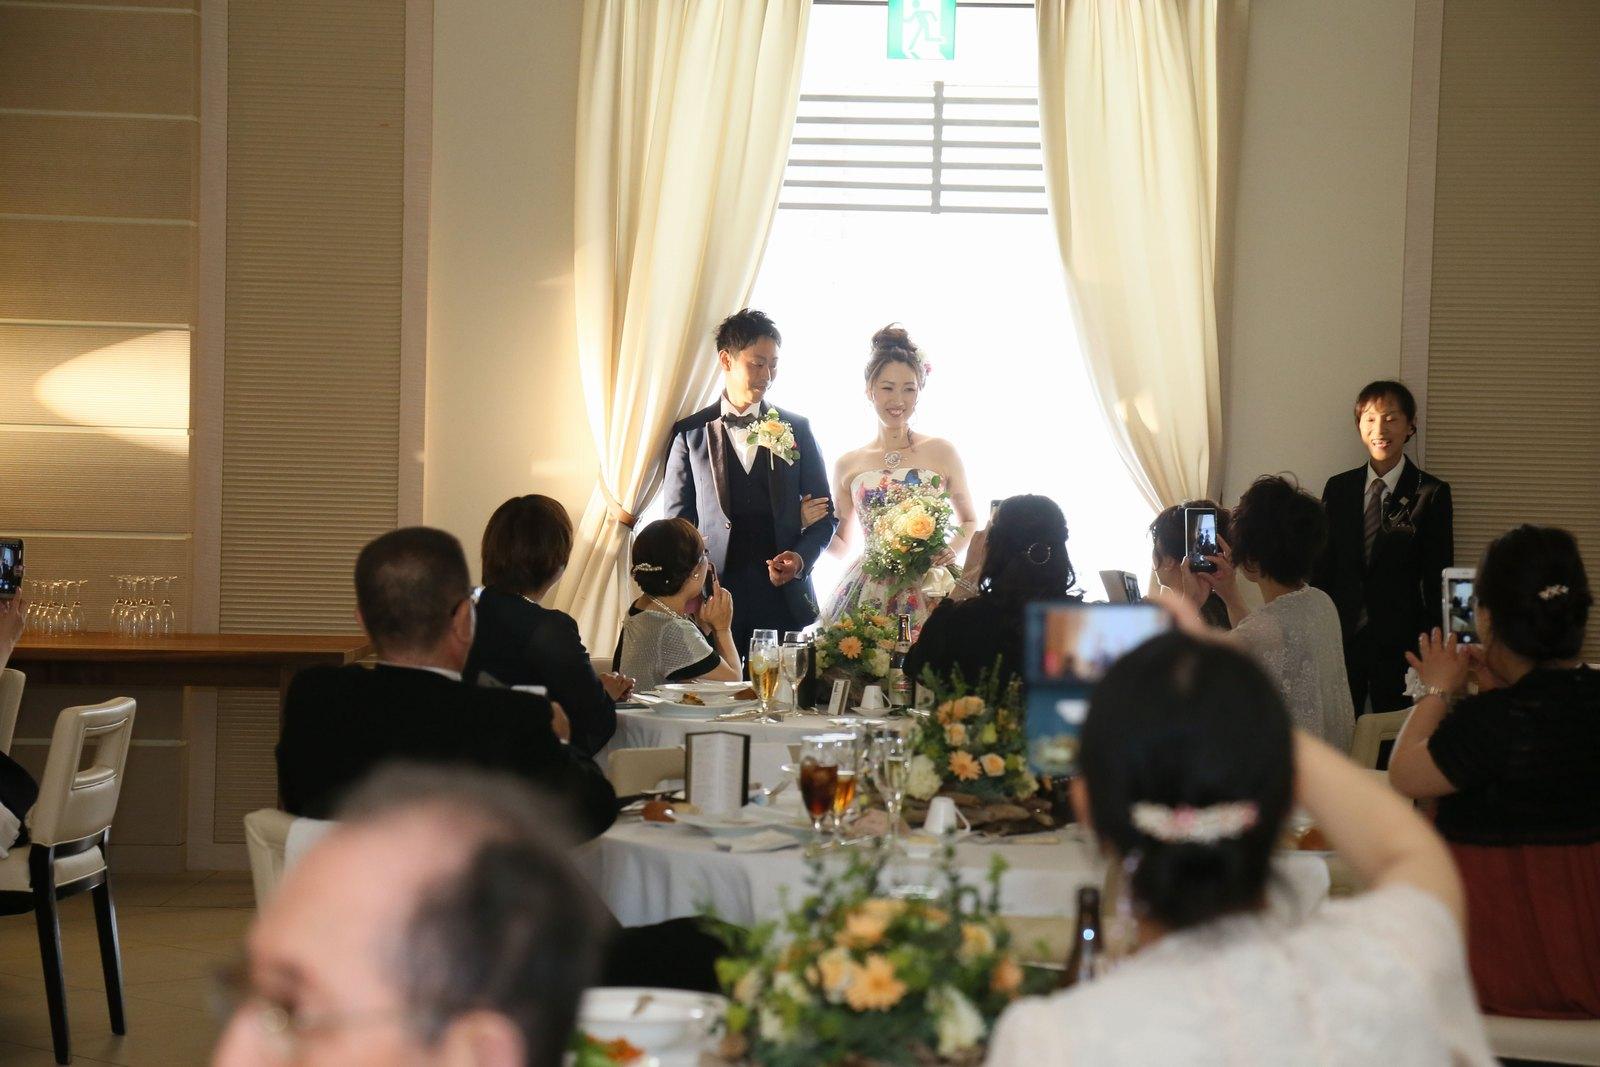 高松市の結婚式場アイルバレクラブの披露宴 お色直しを済ませてガーデンから再登場